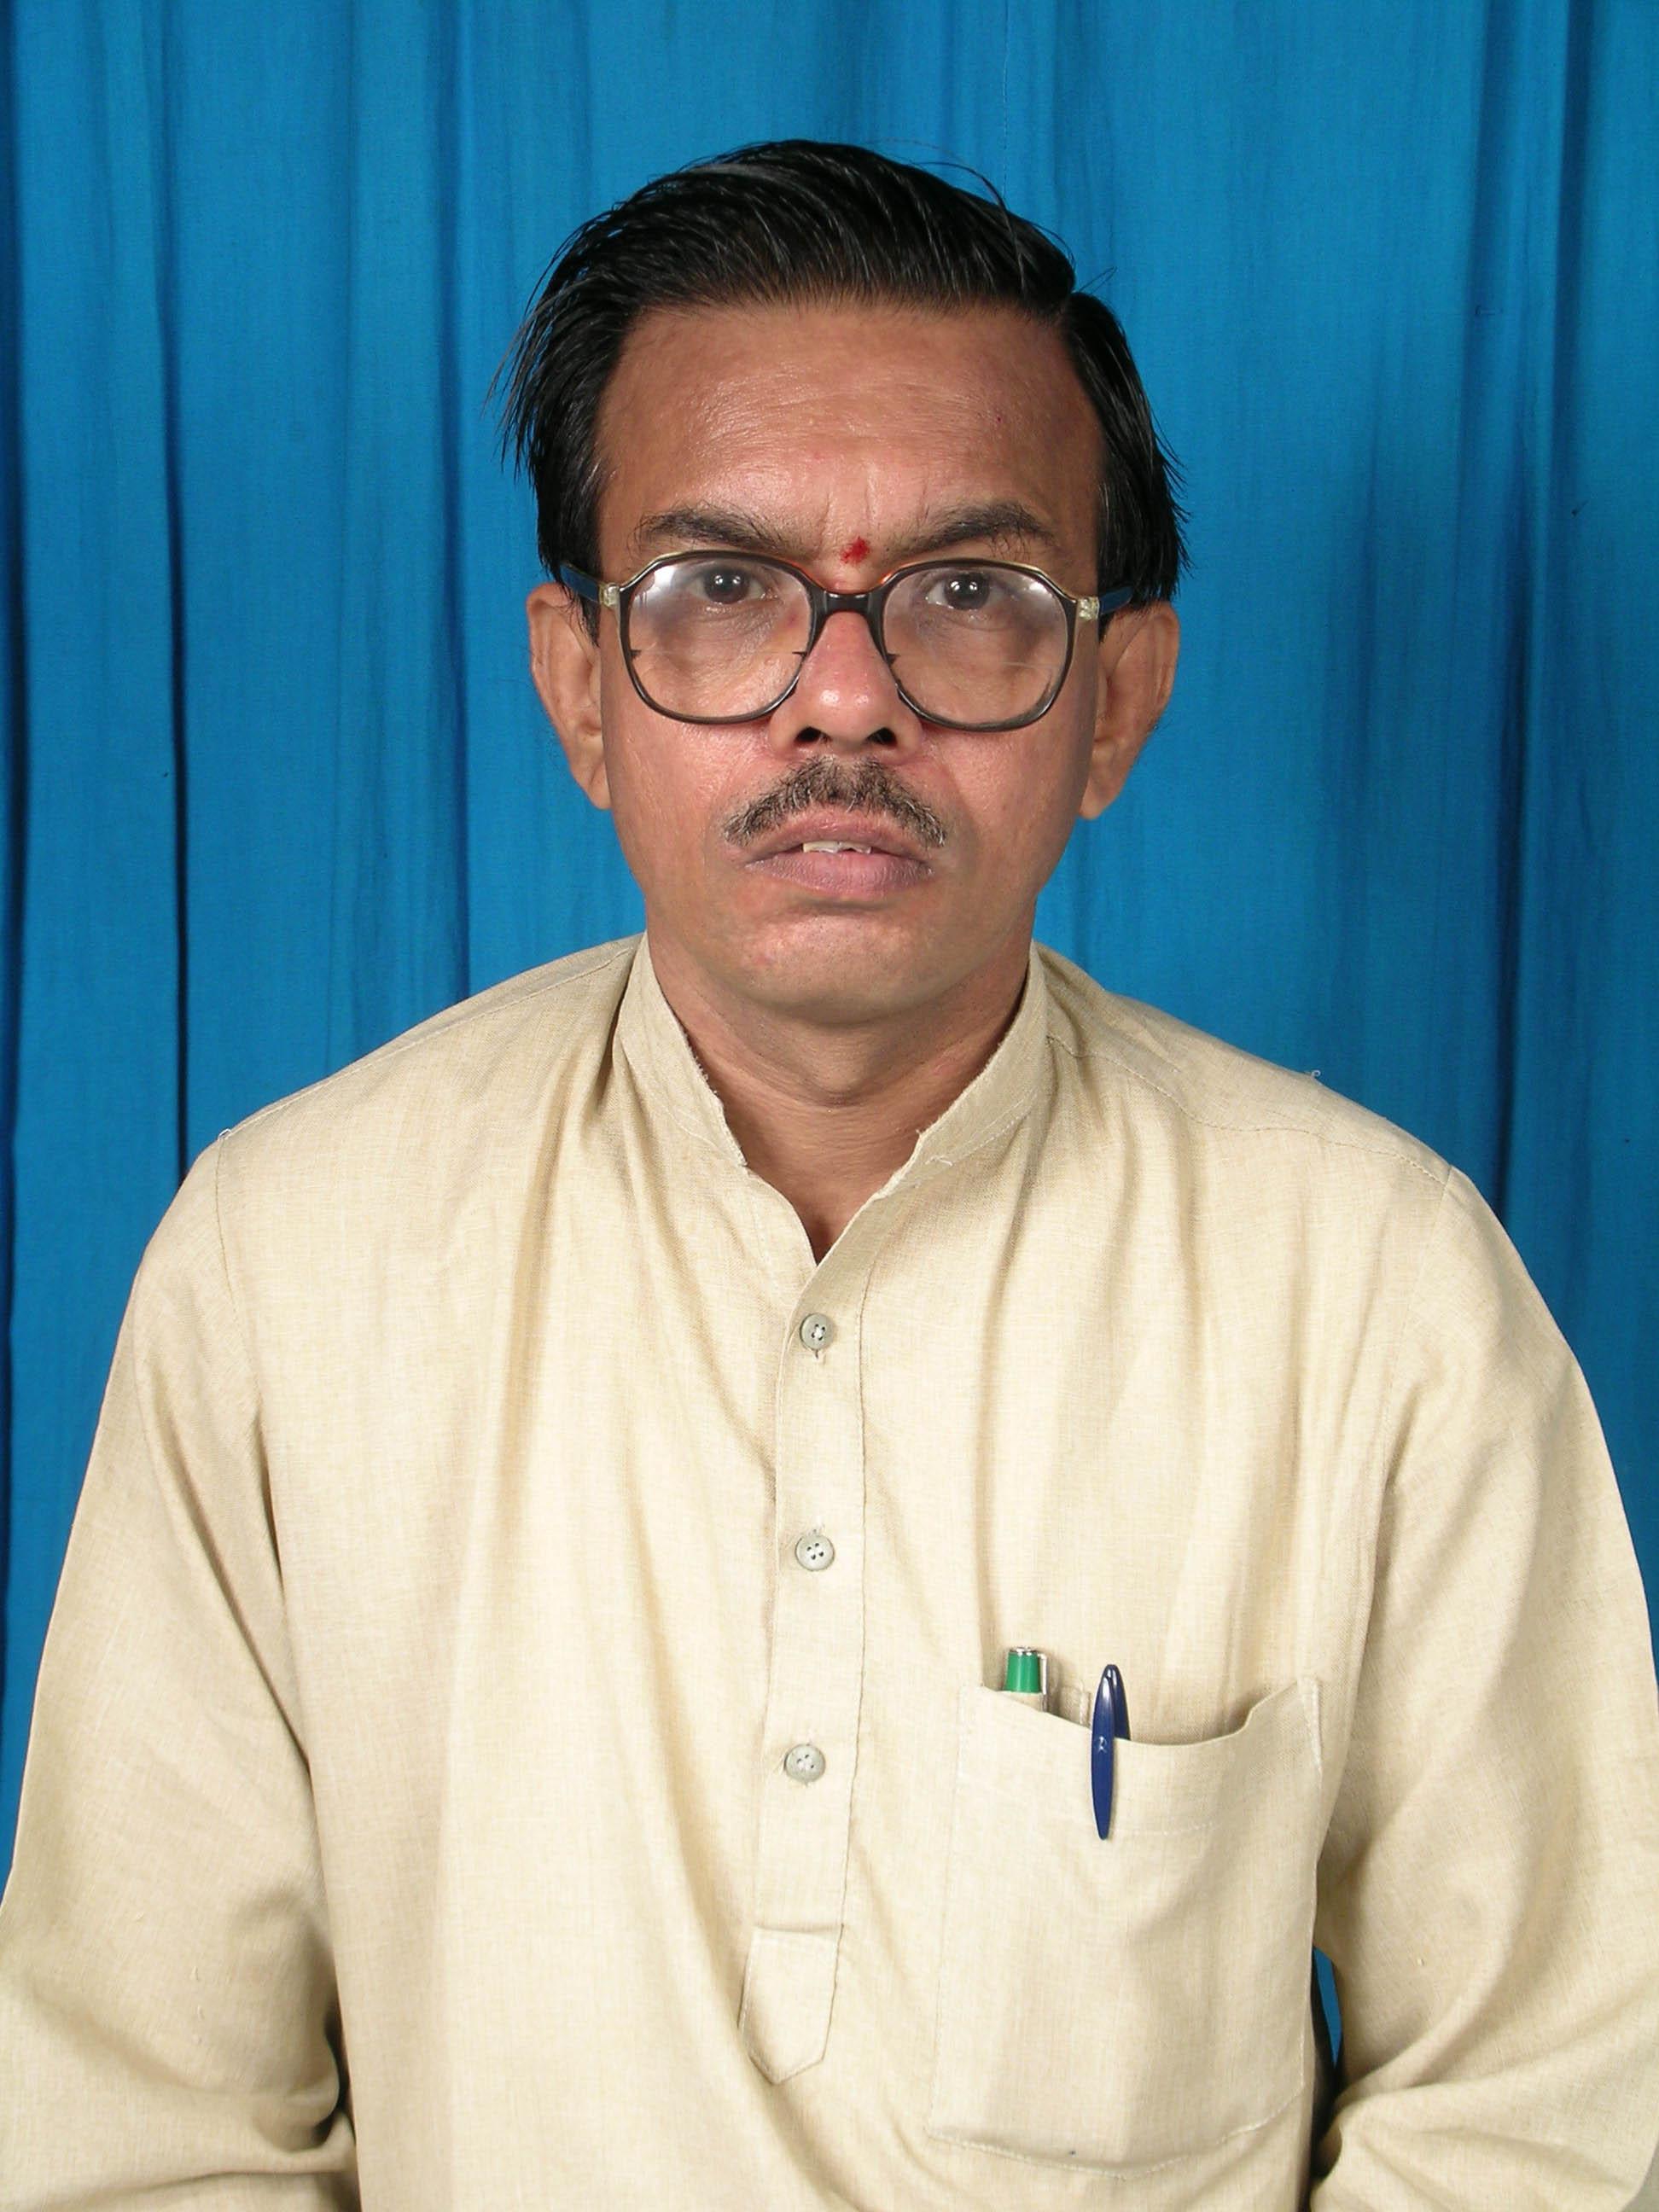 Dr. Janardana Hegde, Dr. H R Vishwas awarded by Uttar Pradesh Samskrit Samsthan